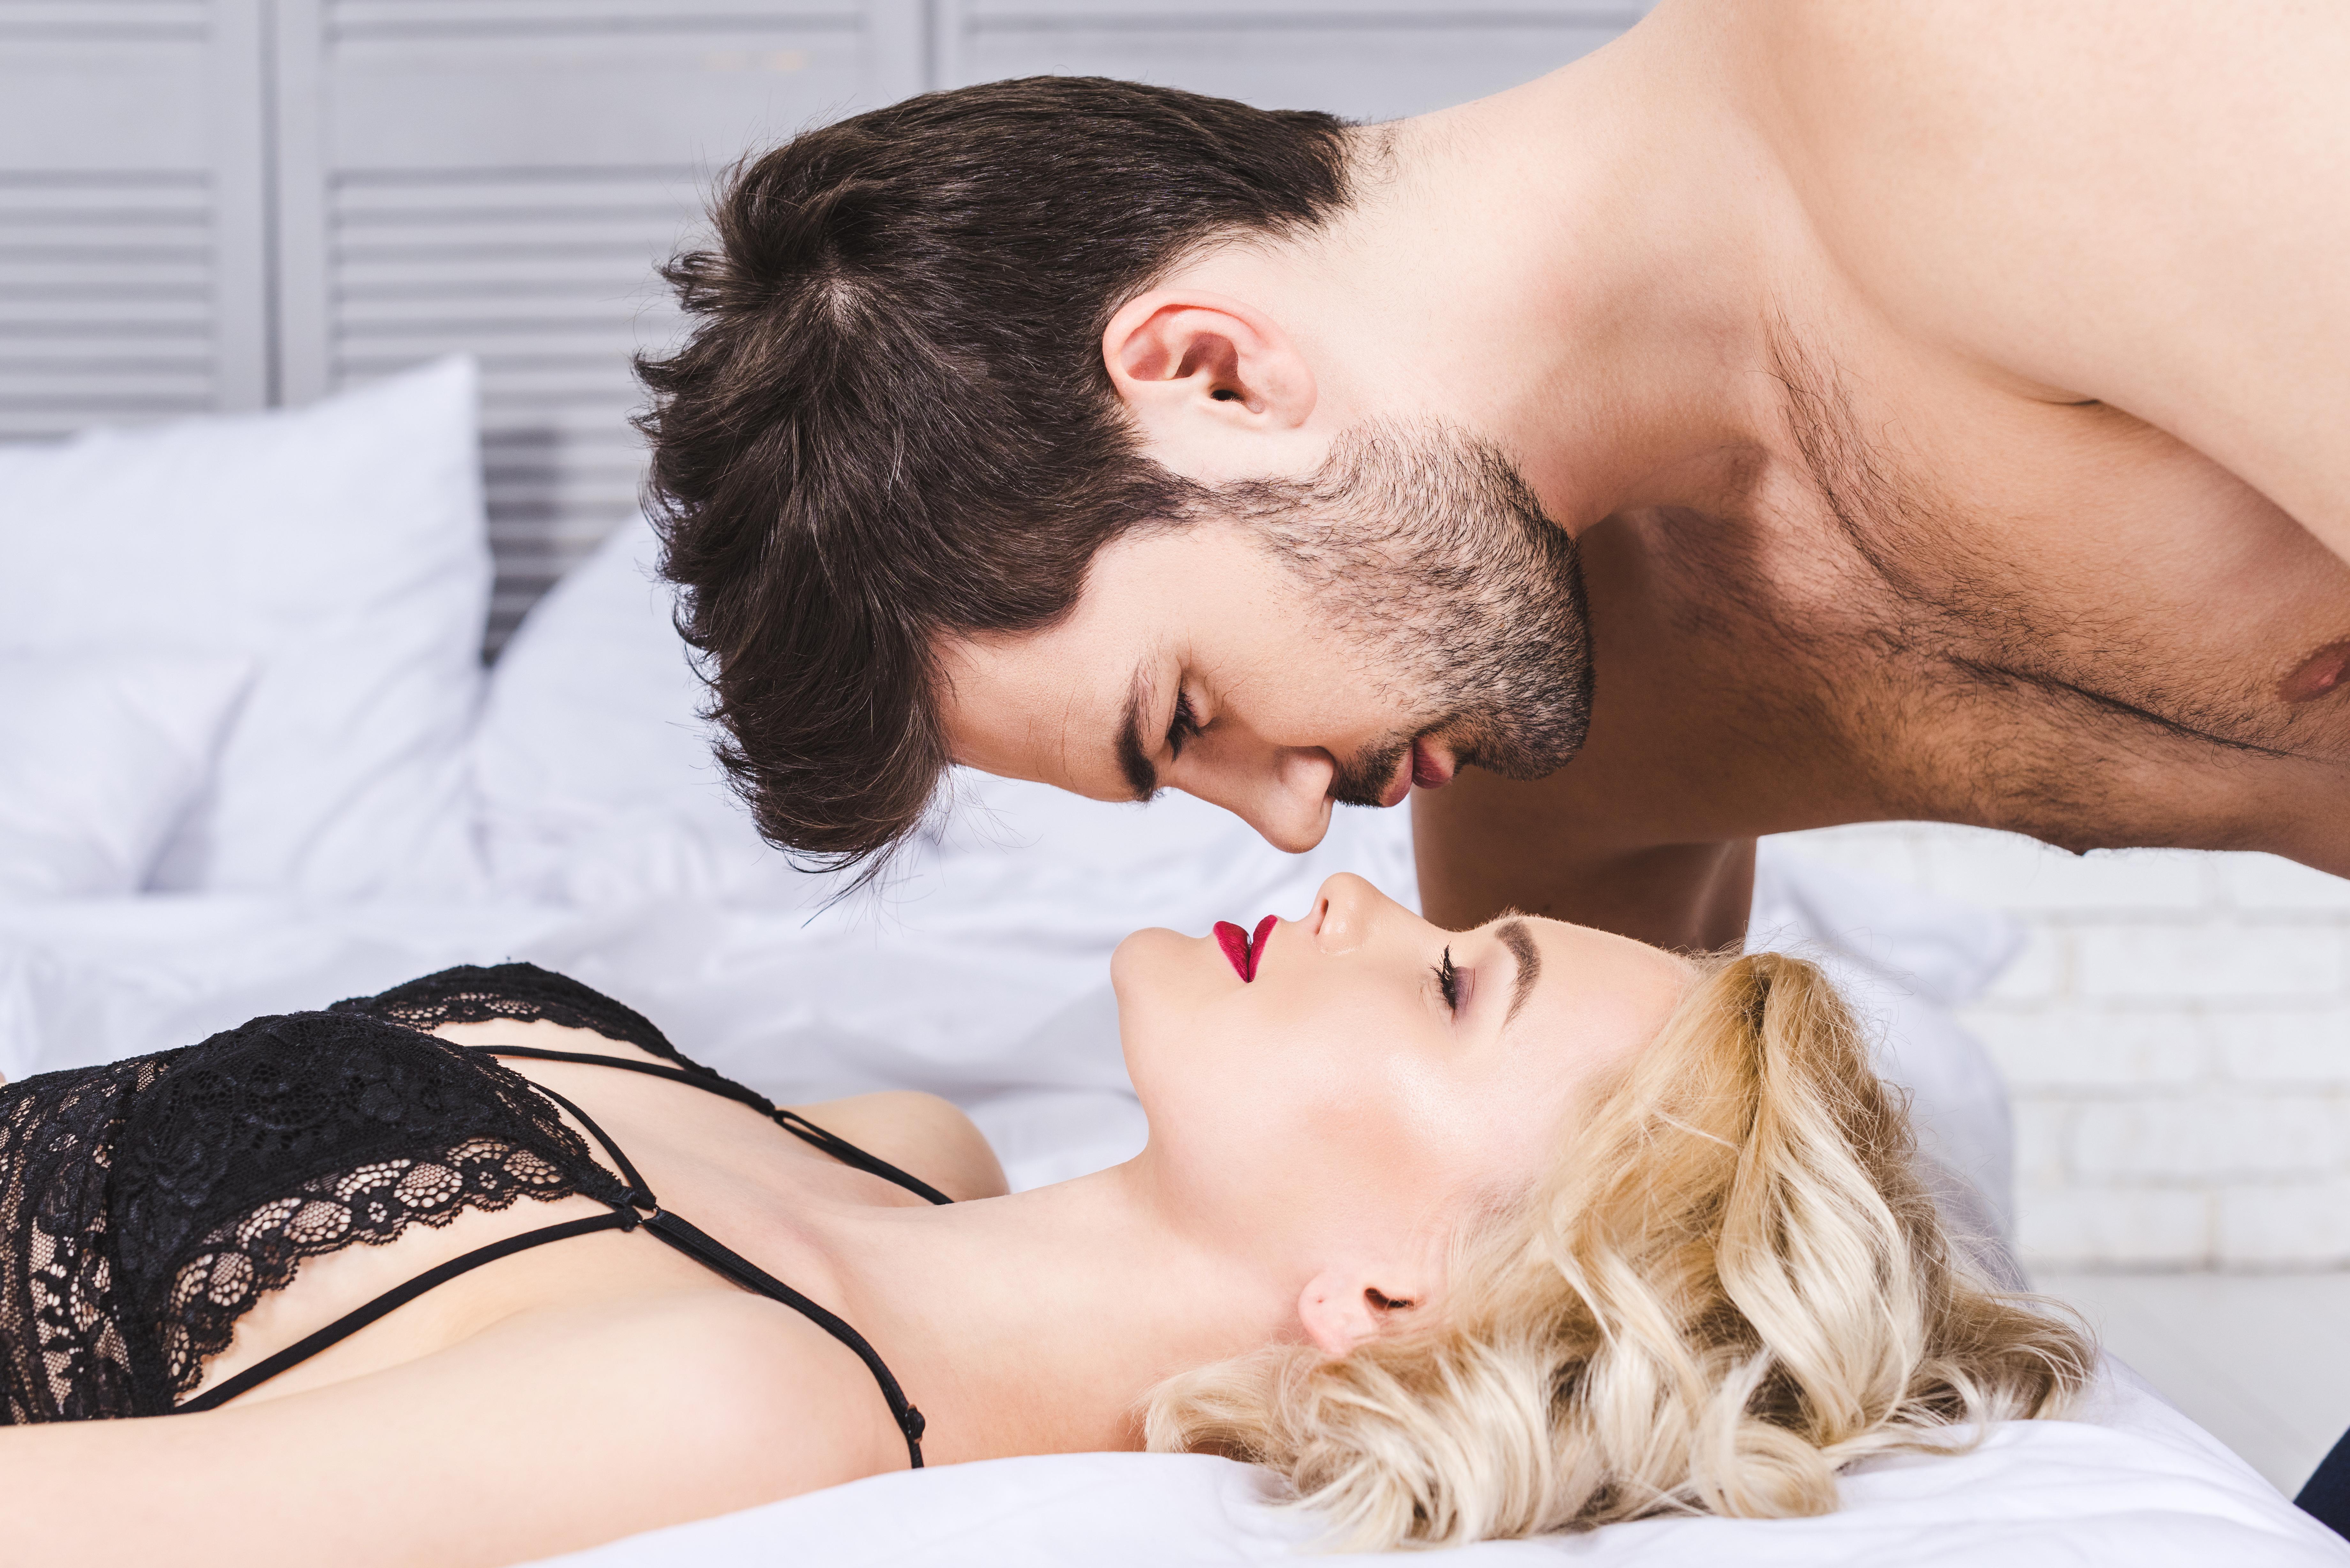 Můžete otěhotnět análním sexem?